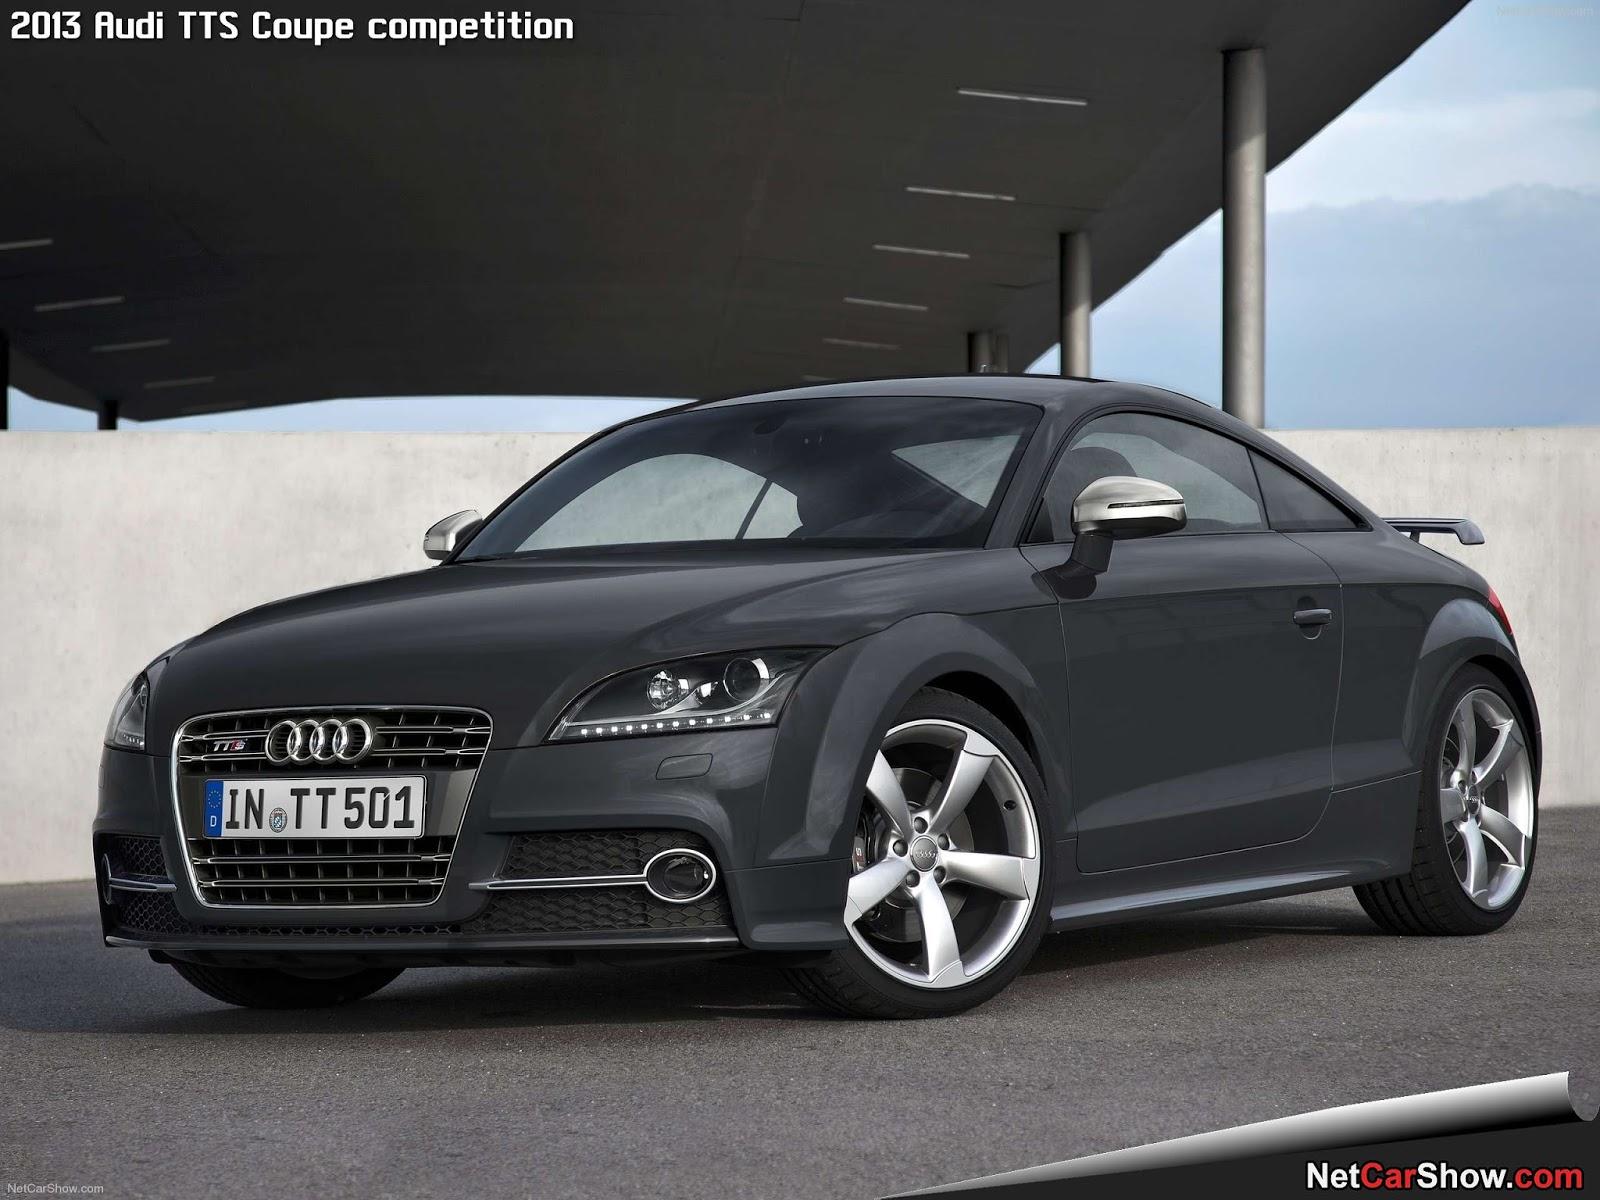 39 Gambar Modifikasi Mobil Audi Tt Terbaru Dan Terlengkap Motor Jepit